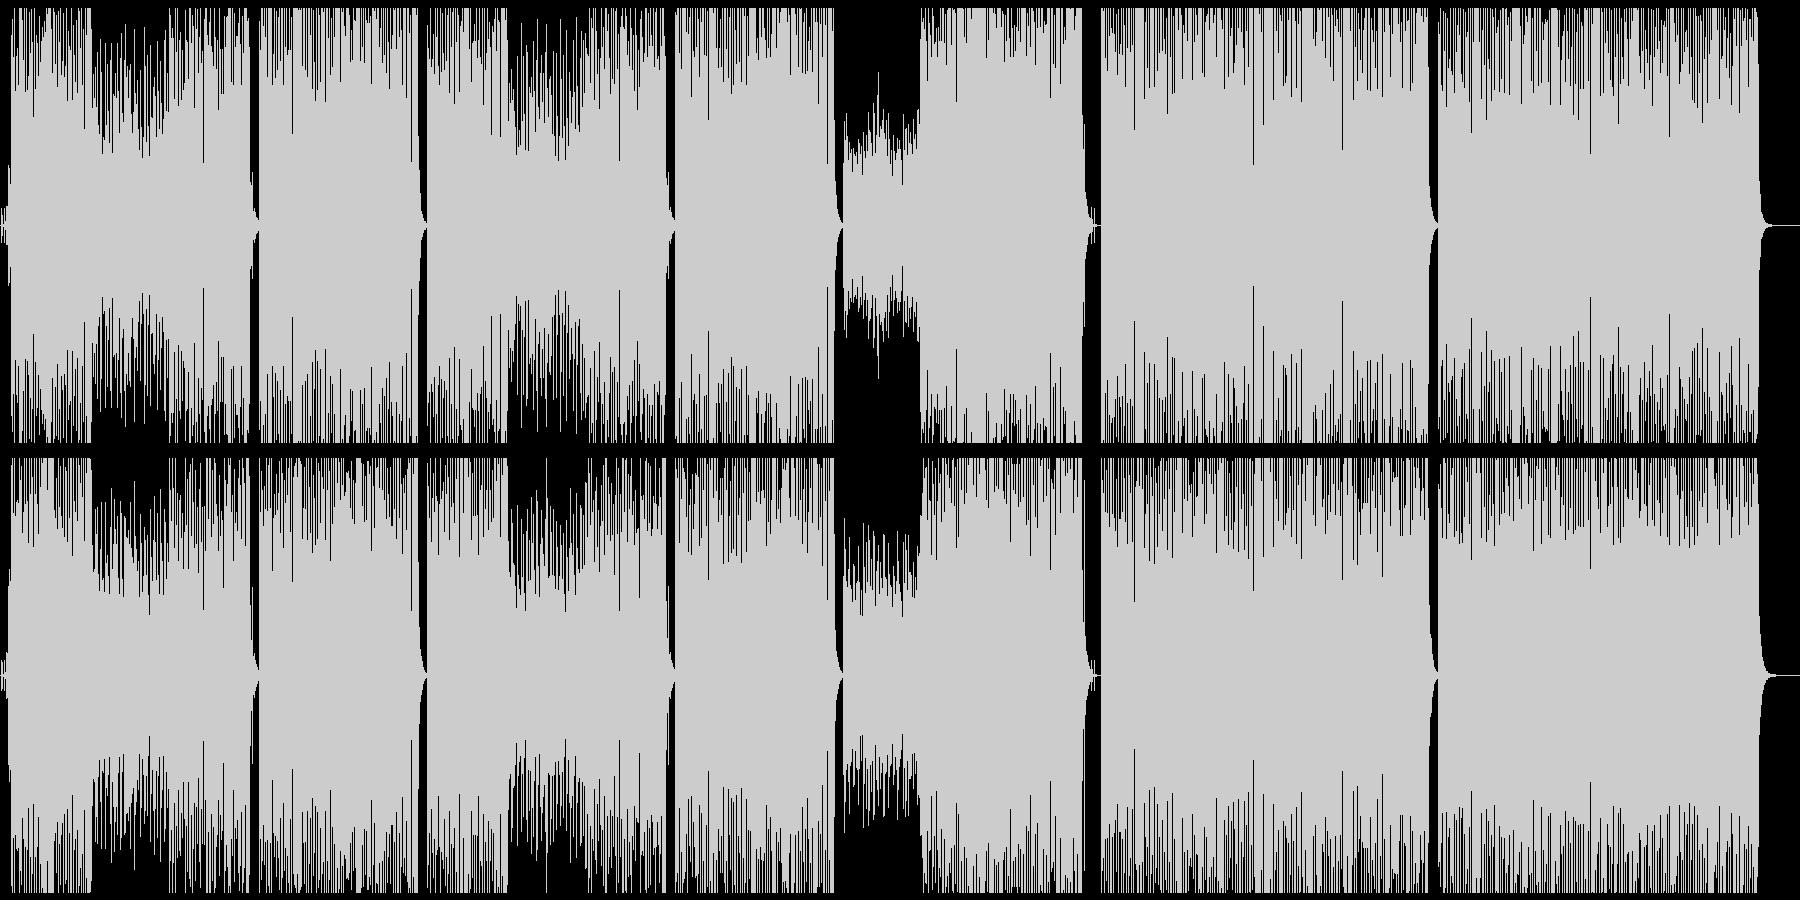 ビッグバンドジャズ//ピアノ/サックスの未再生の波形